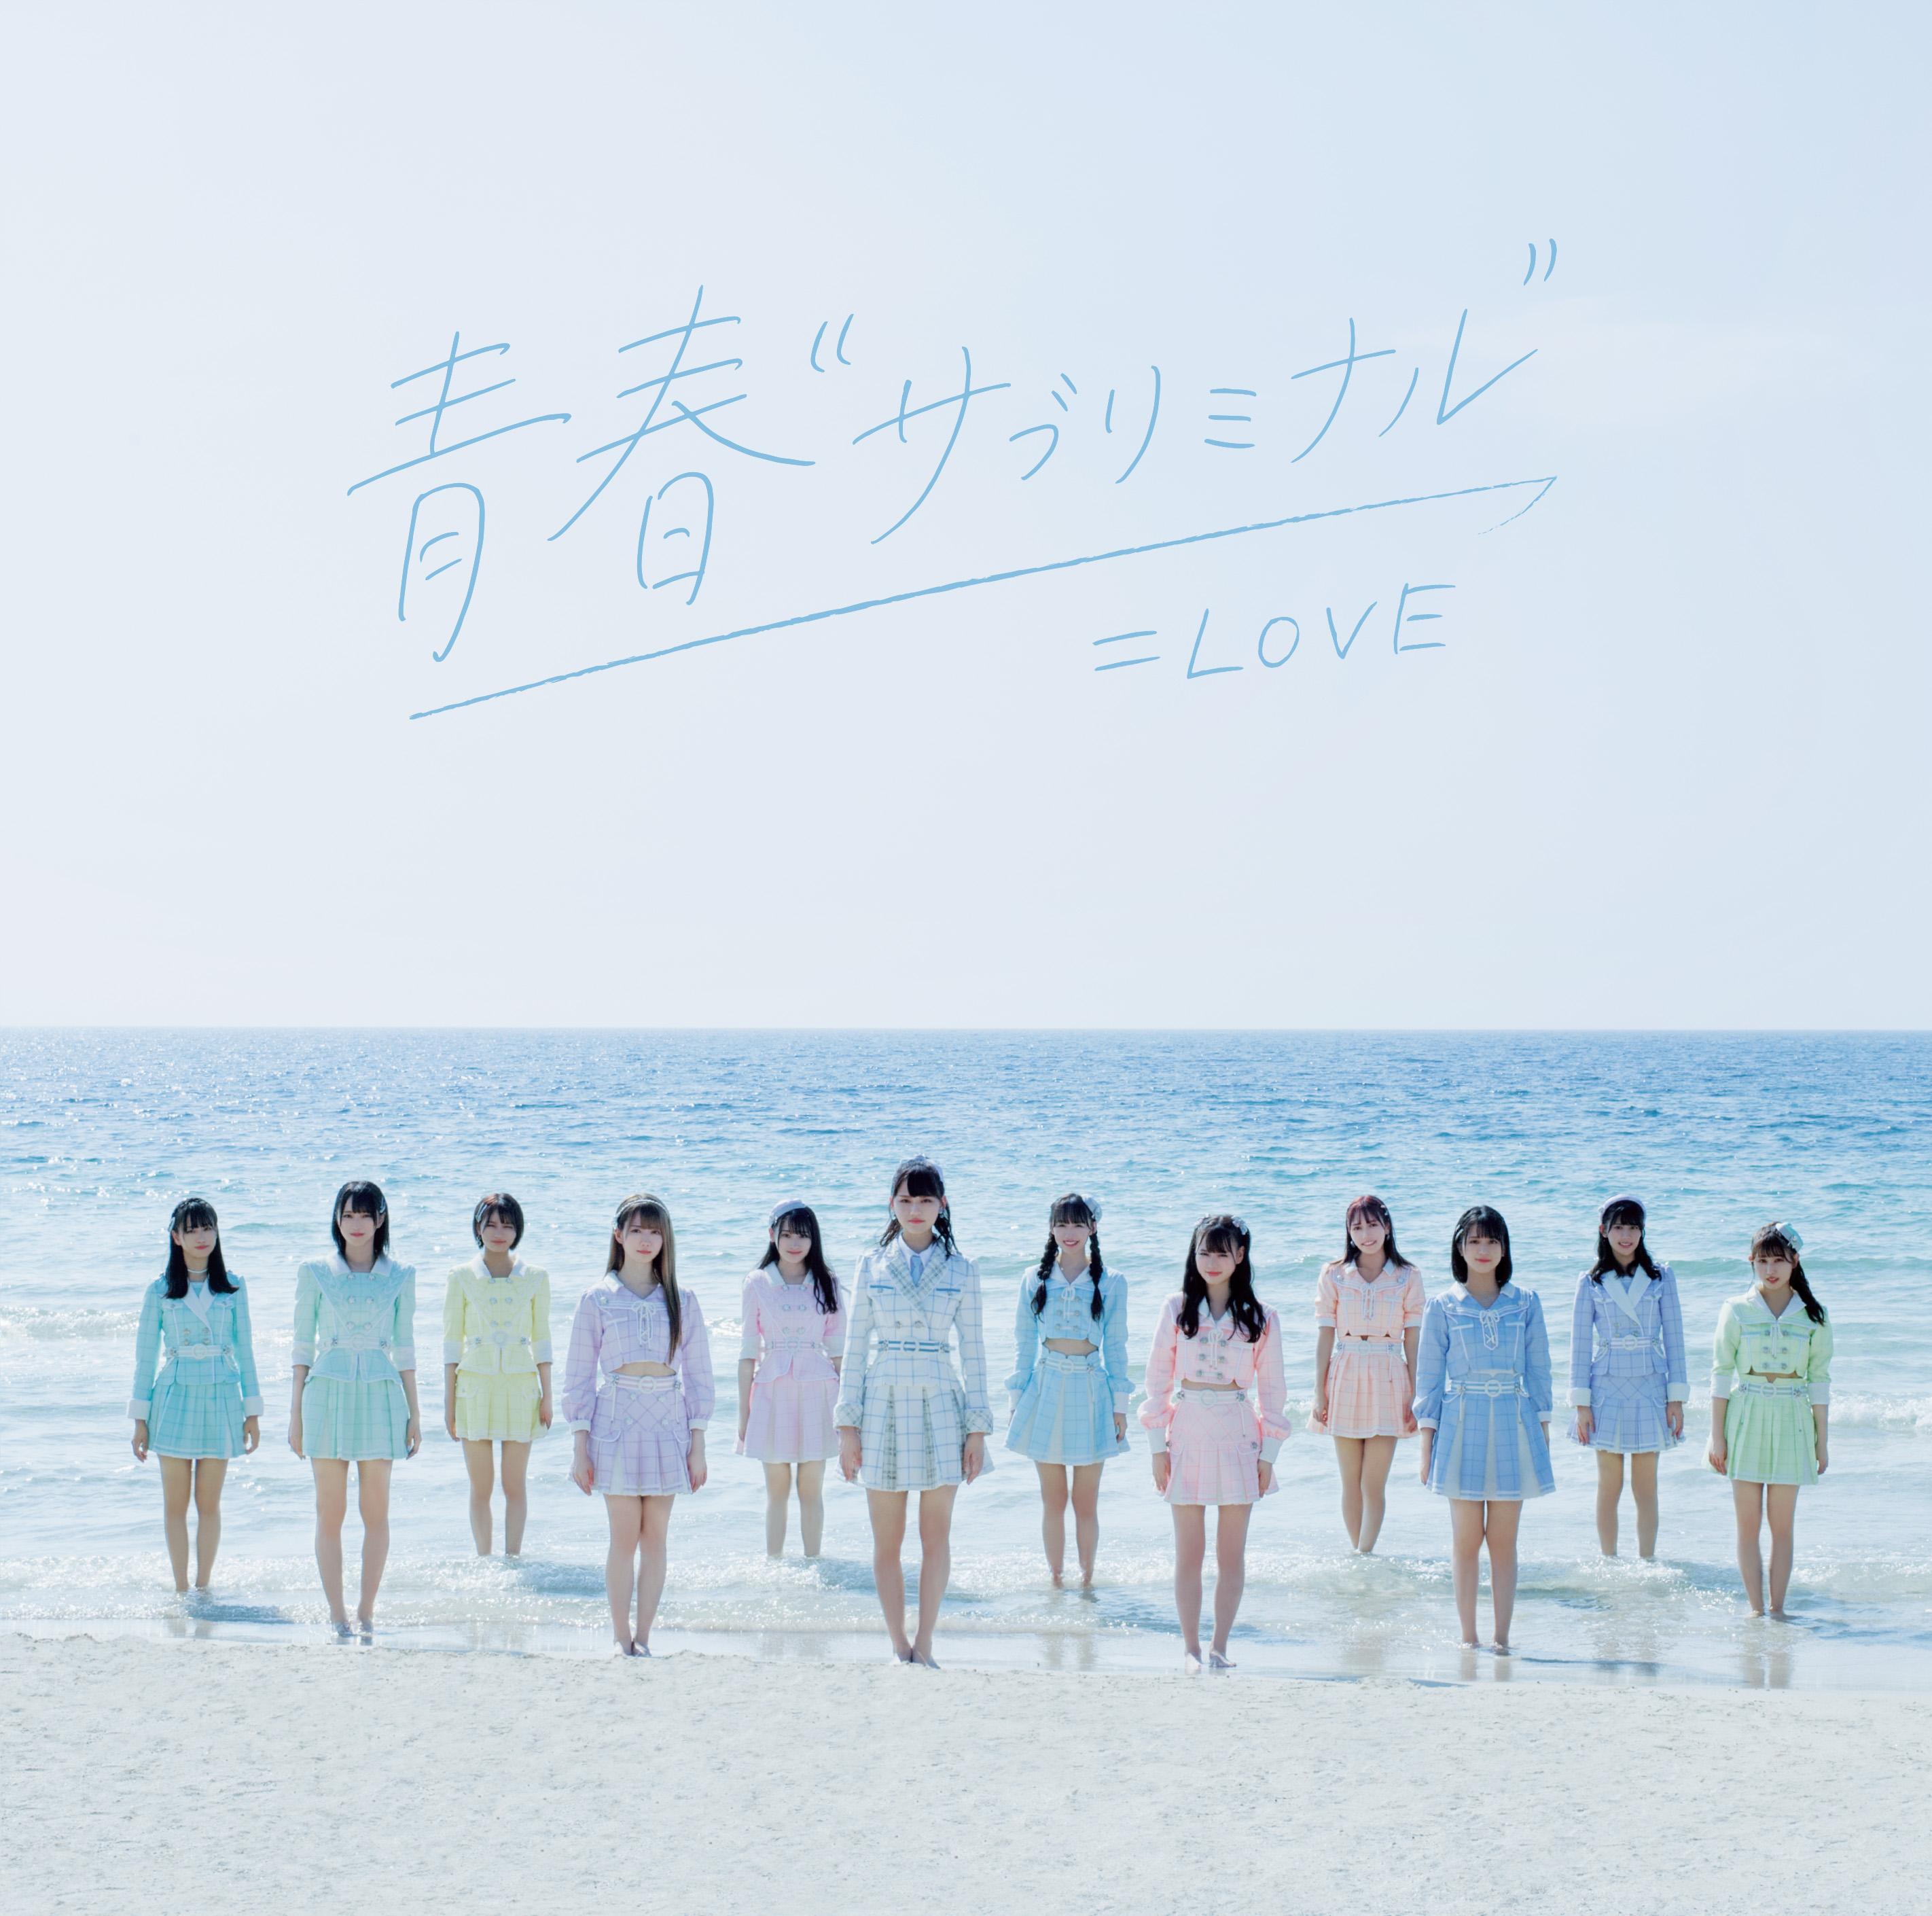 """青春""""サブリミナル""""[CD Only/Type-D]"""